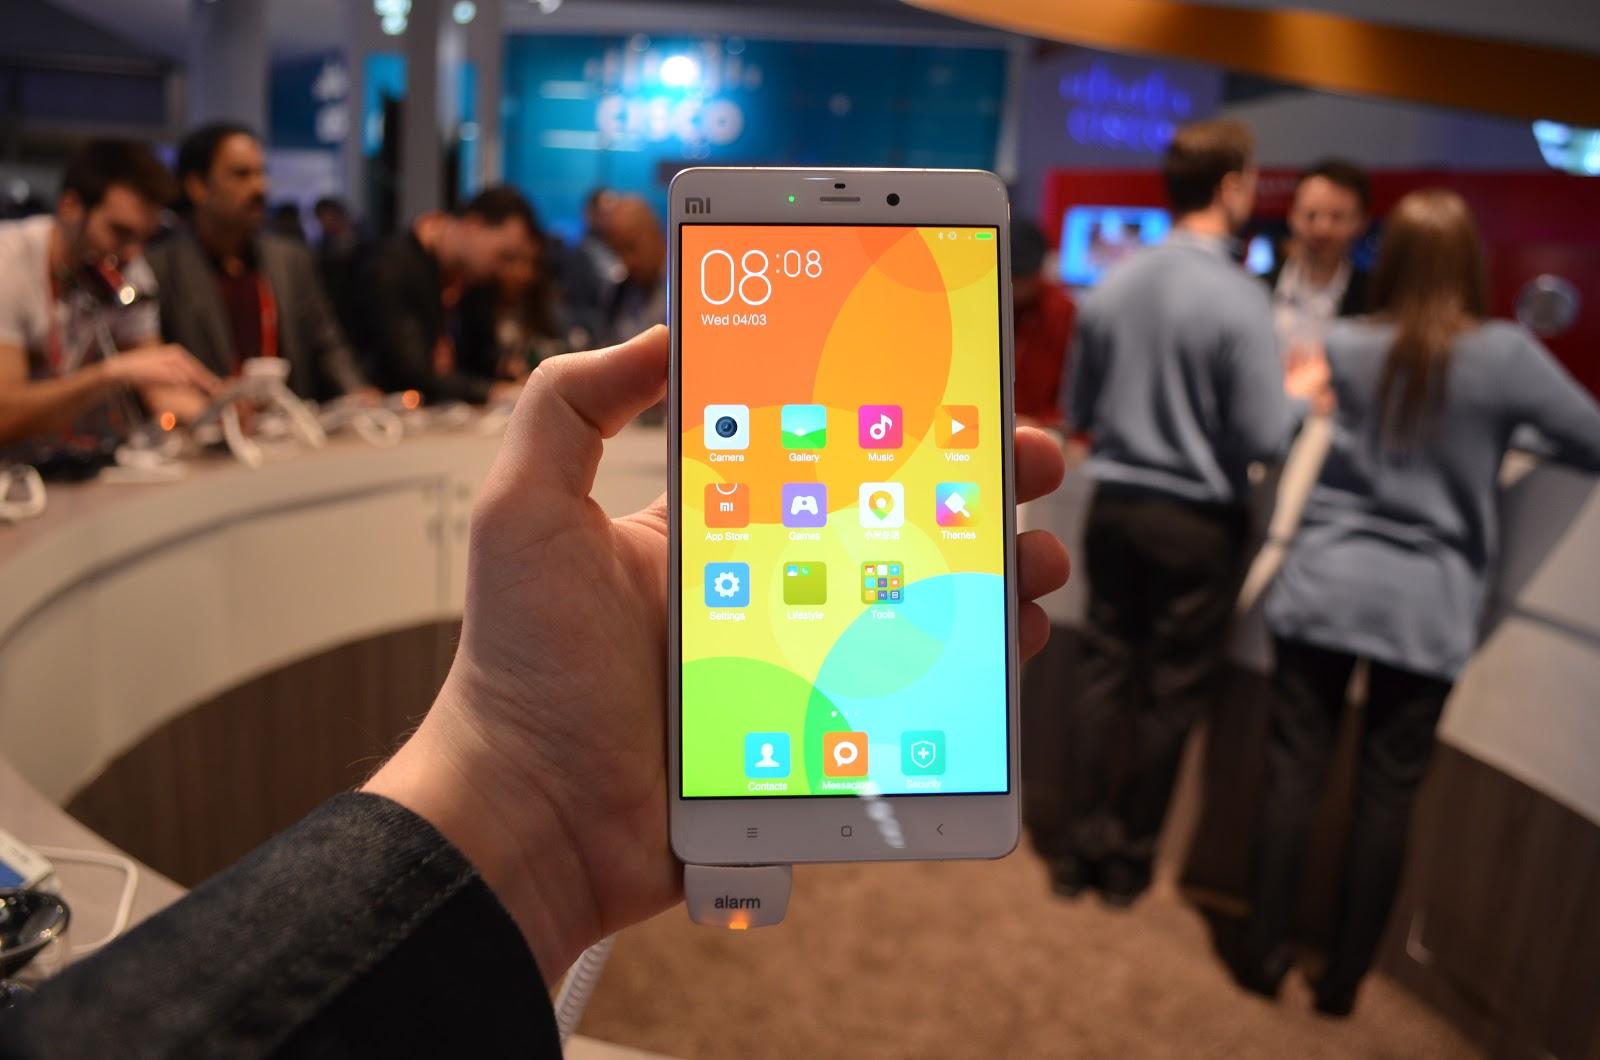 Xiaomi Mi Note Pro va fi disponibil comercial în China începând cu 31 martie la un preț de 520$